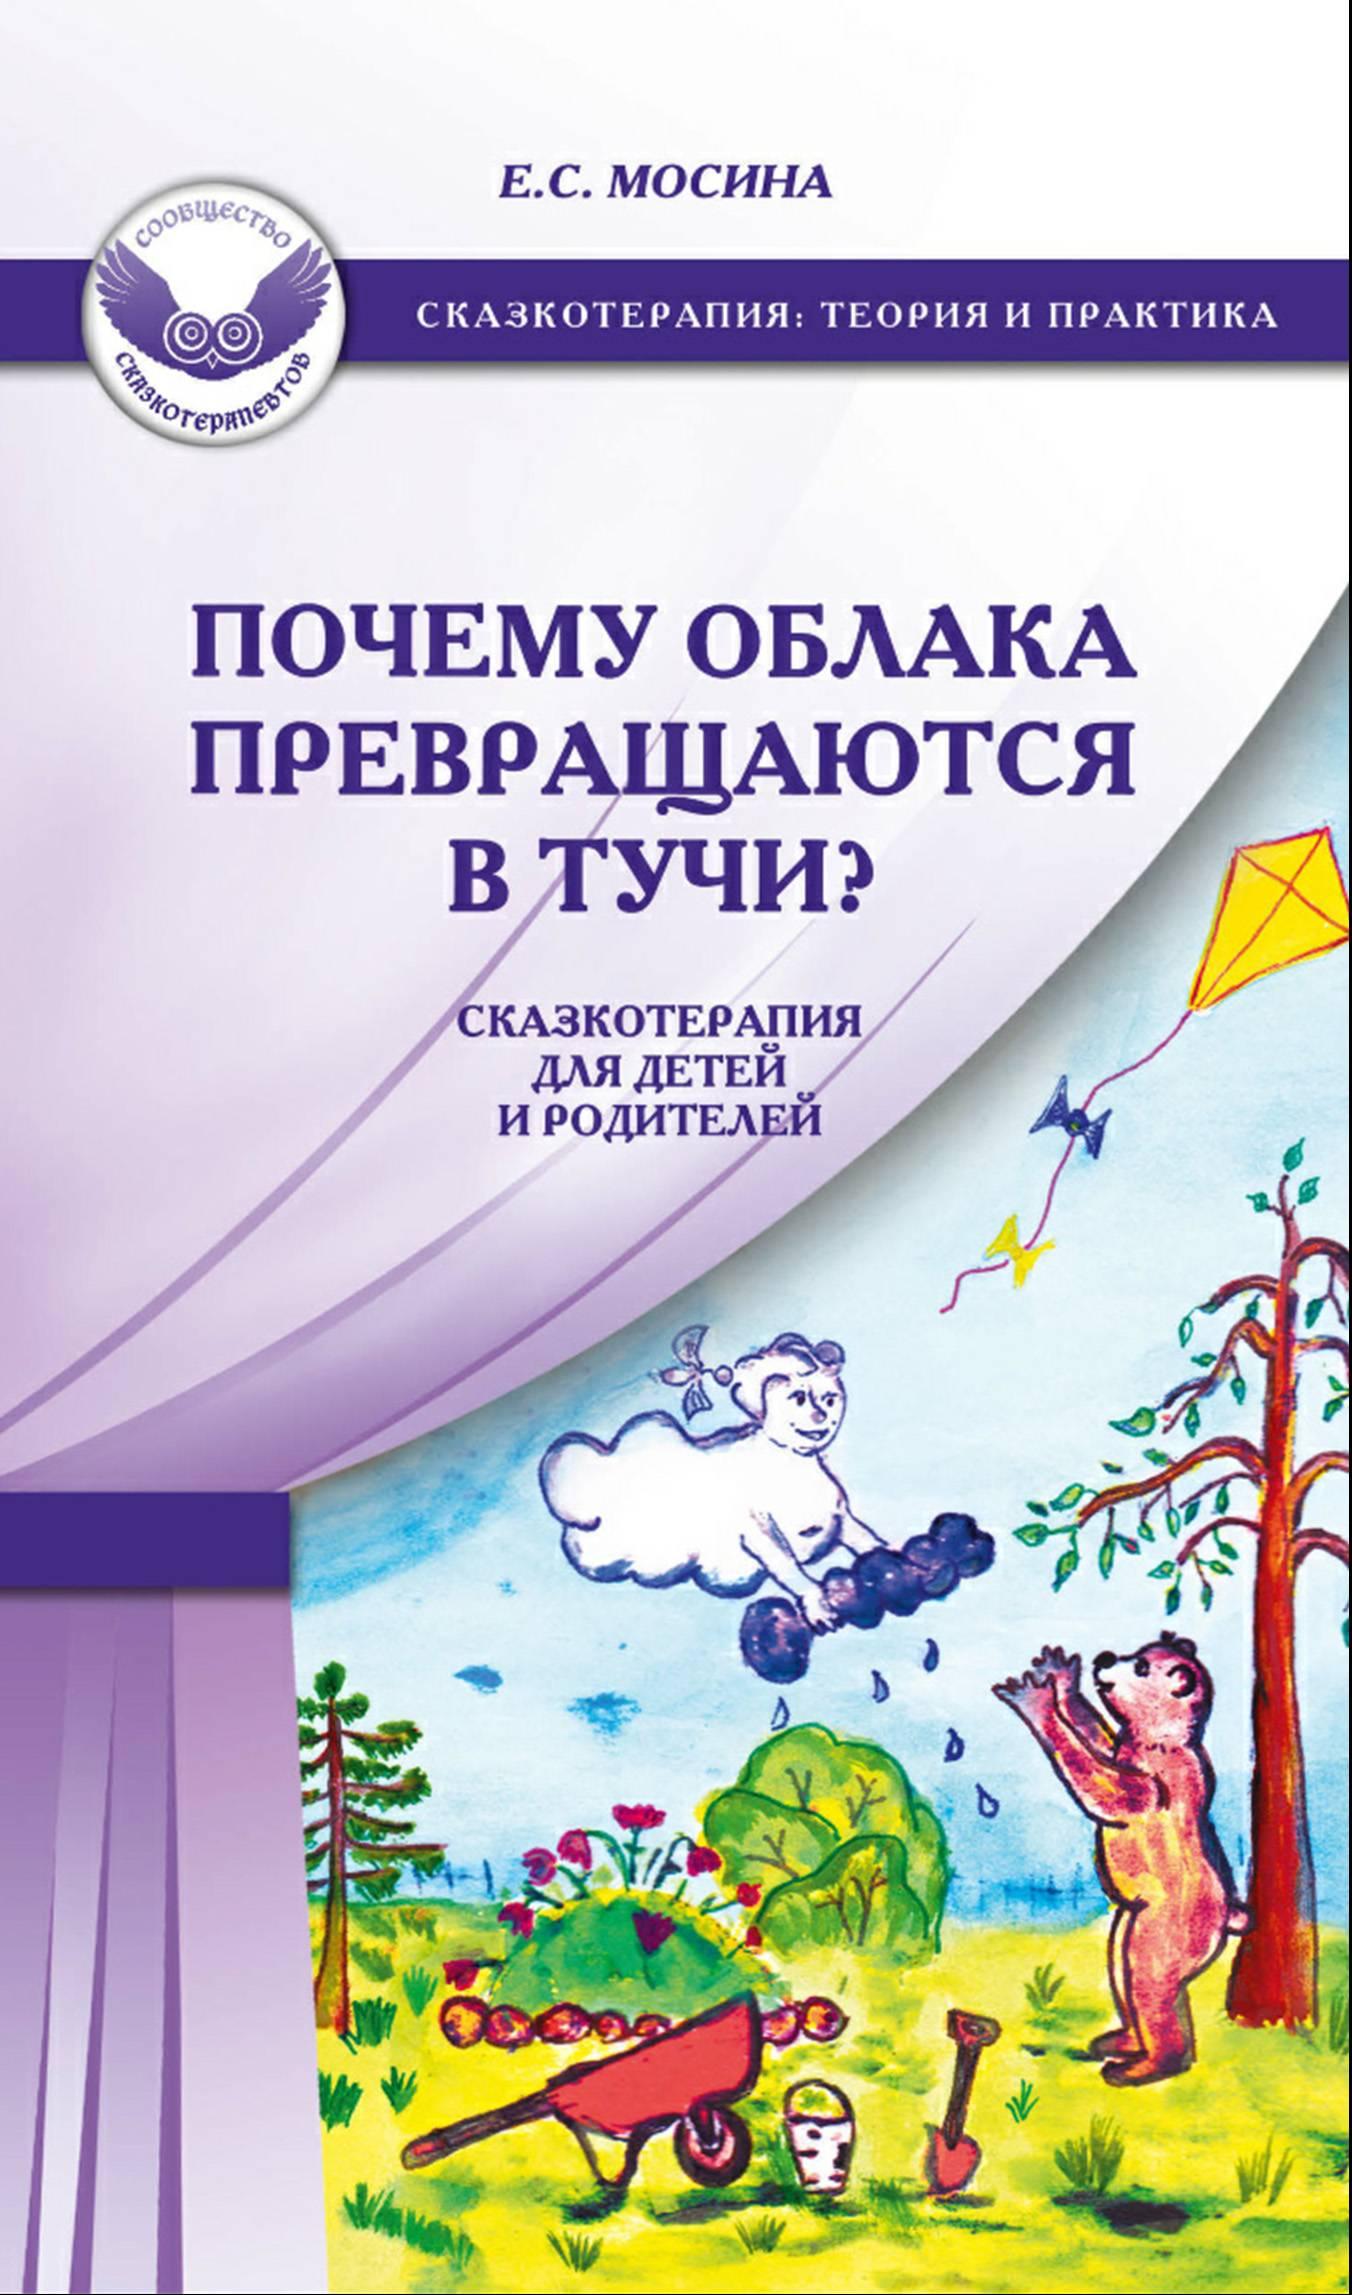 Сказкотерапия для взрослых. зачем нам сказки?